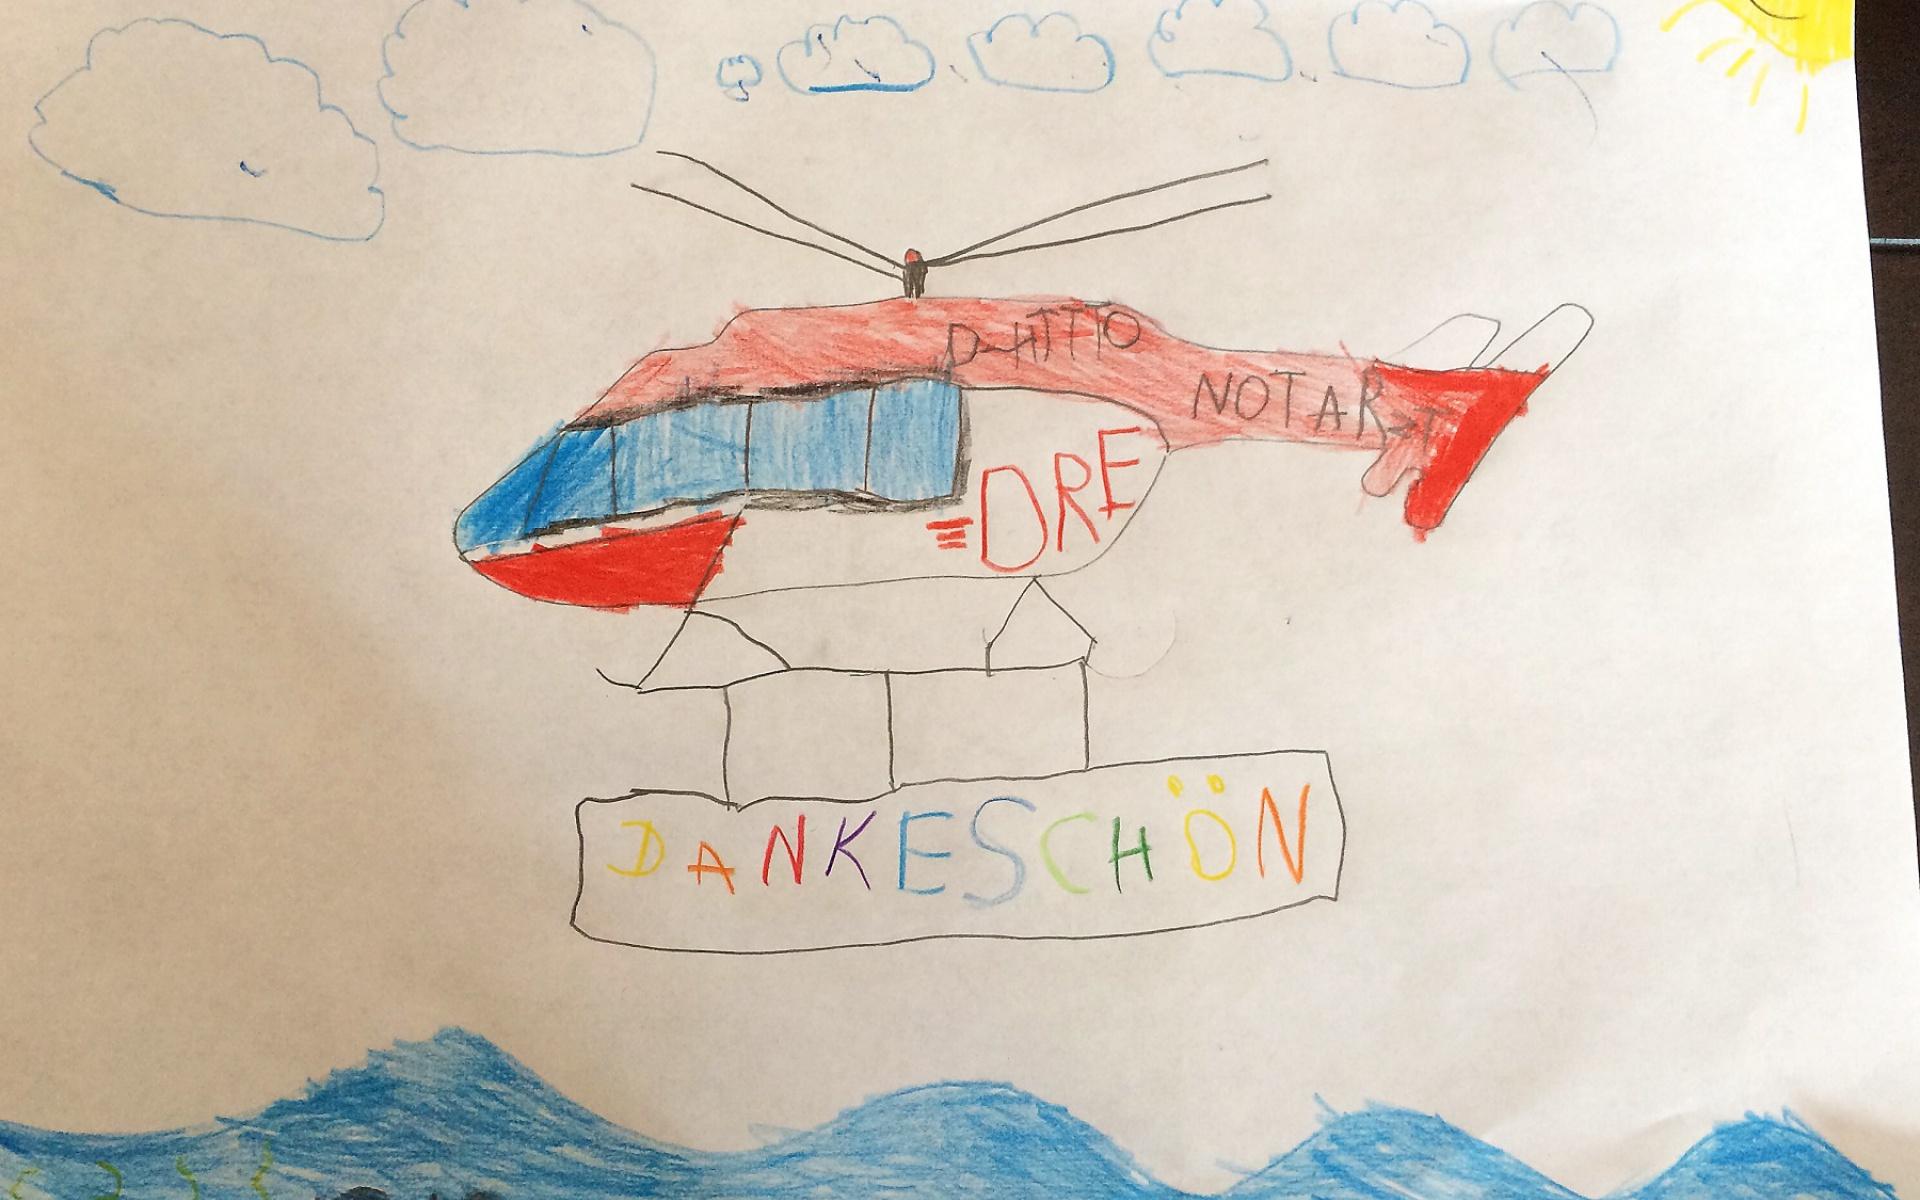 """Nach Joosts Genesung schickte die Familie ein """"Dankeschön-Paket"""" an die DRF Luftrettung in Bremen und das Team von Christoph Weser. Darin war auch dieses Bild, das Bruder Matti gemalt hat."""